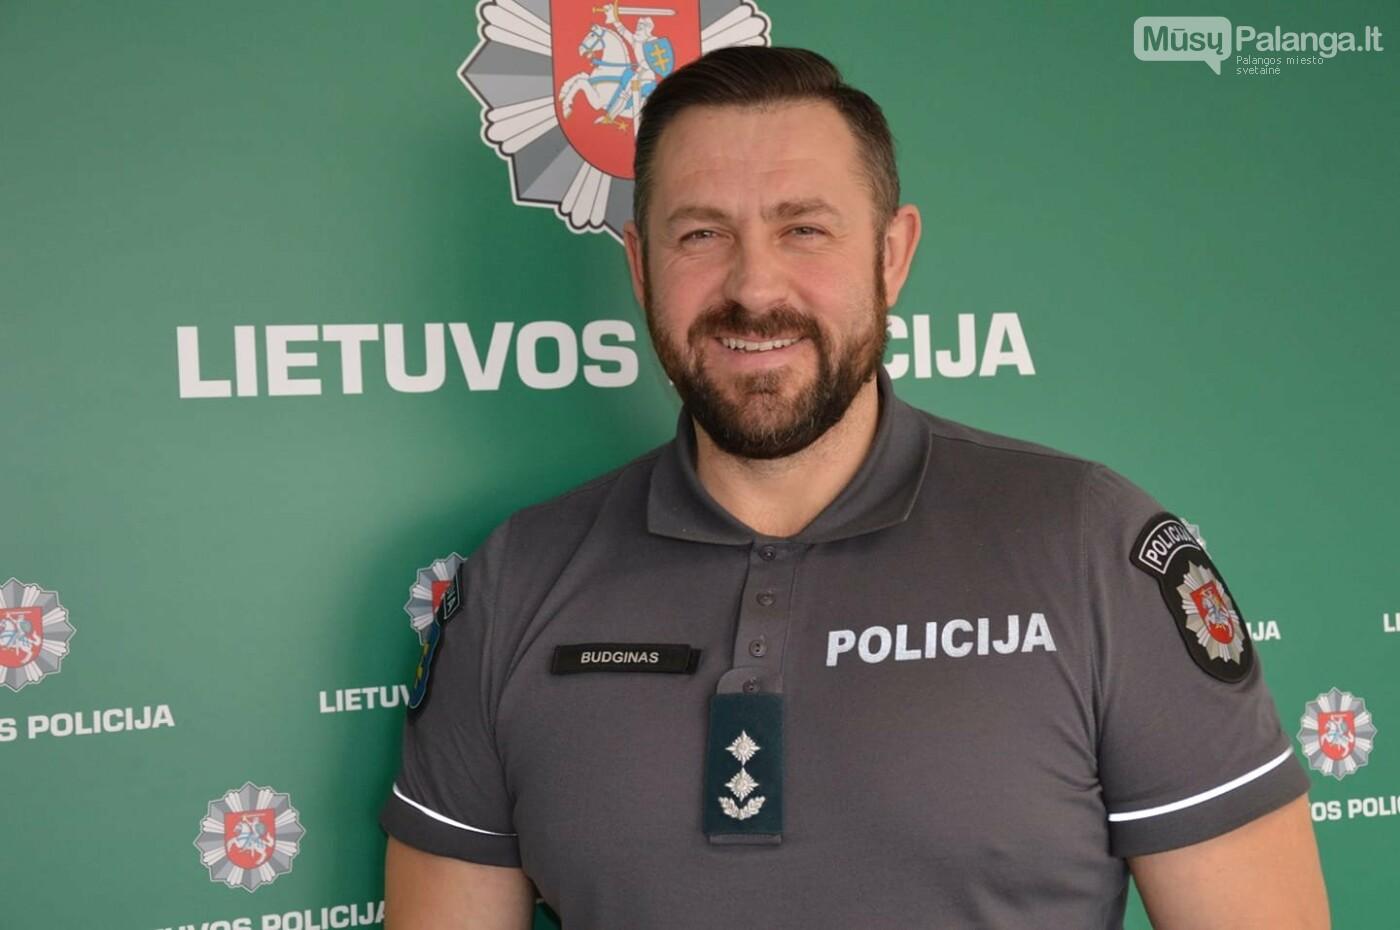 Klaipėdos apskr. VPK Palangos m. policijos komisariato viršininkas Algirdas Budginas